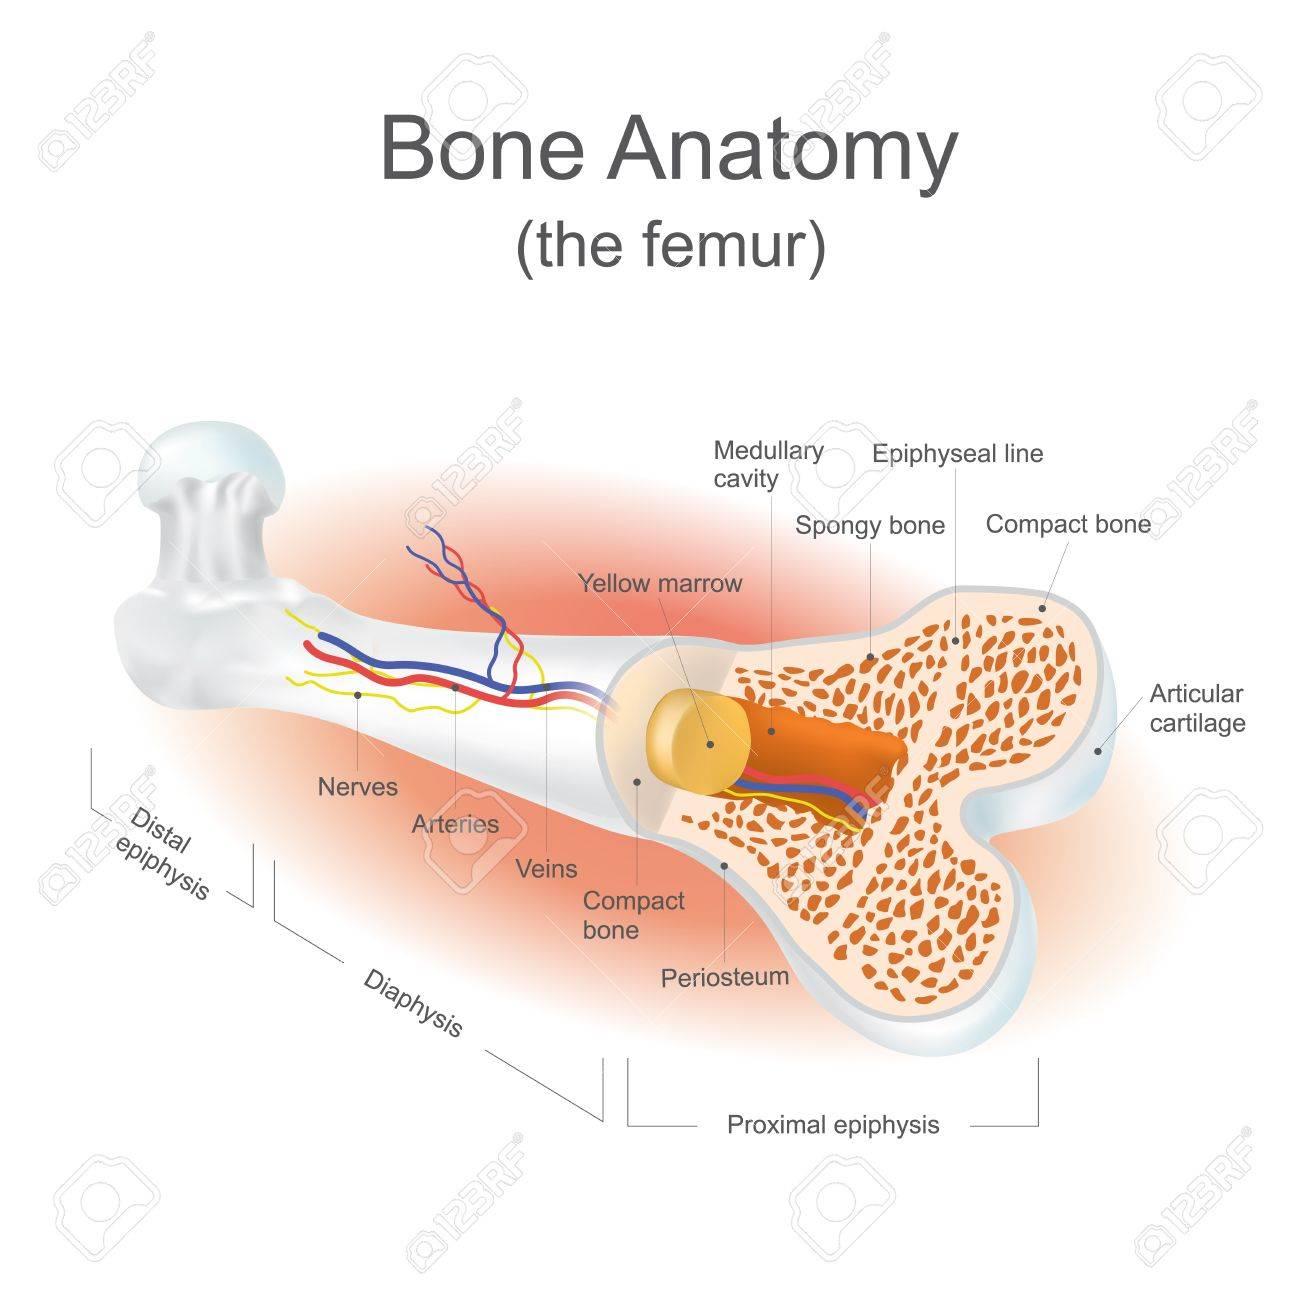 Der Femur Ist Der Stärkste Knochen Im Körper. Info-Grafik-Vektor ...